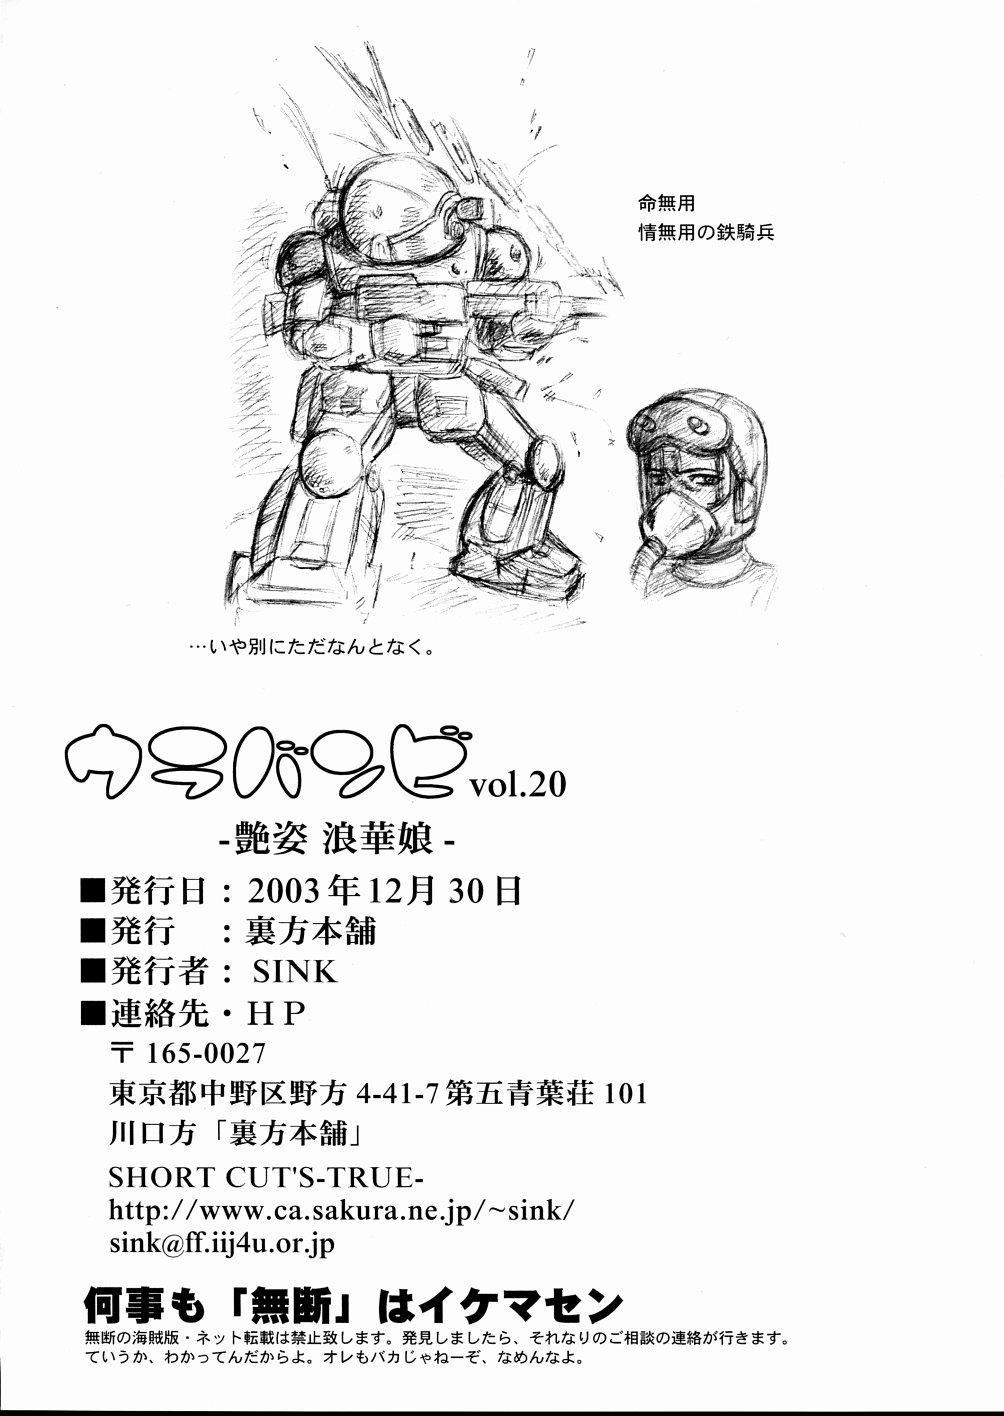 Urabambi Vol. 20 - Adesugata Naniwa Musume 25